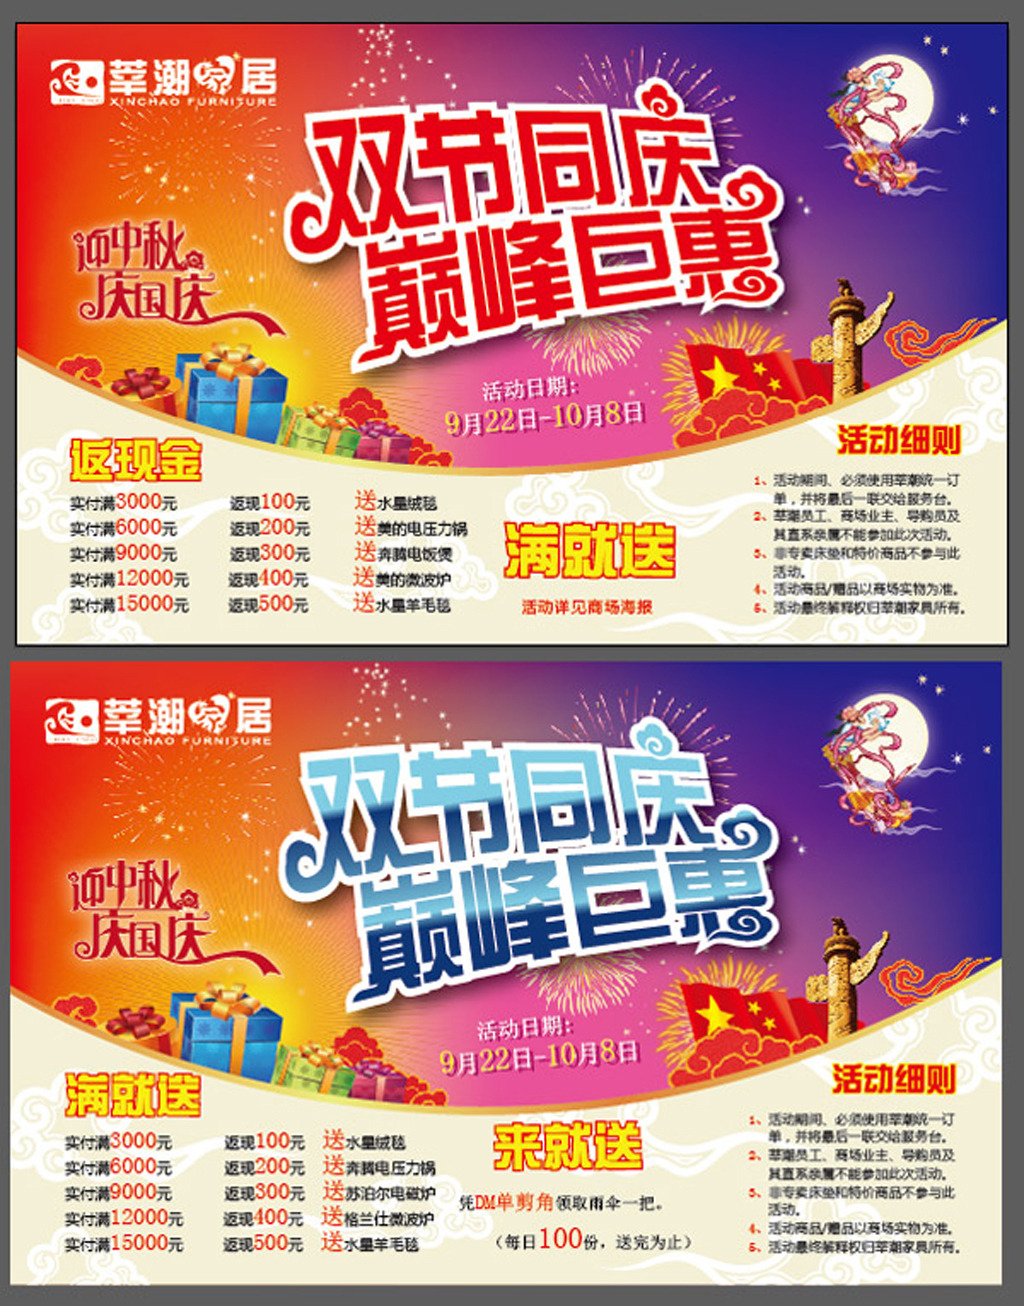 中秋国庆商场活动海报